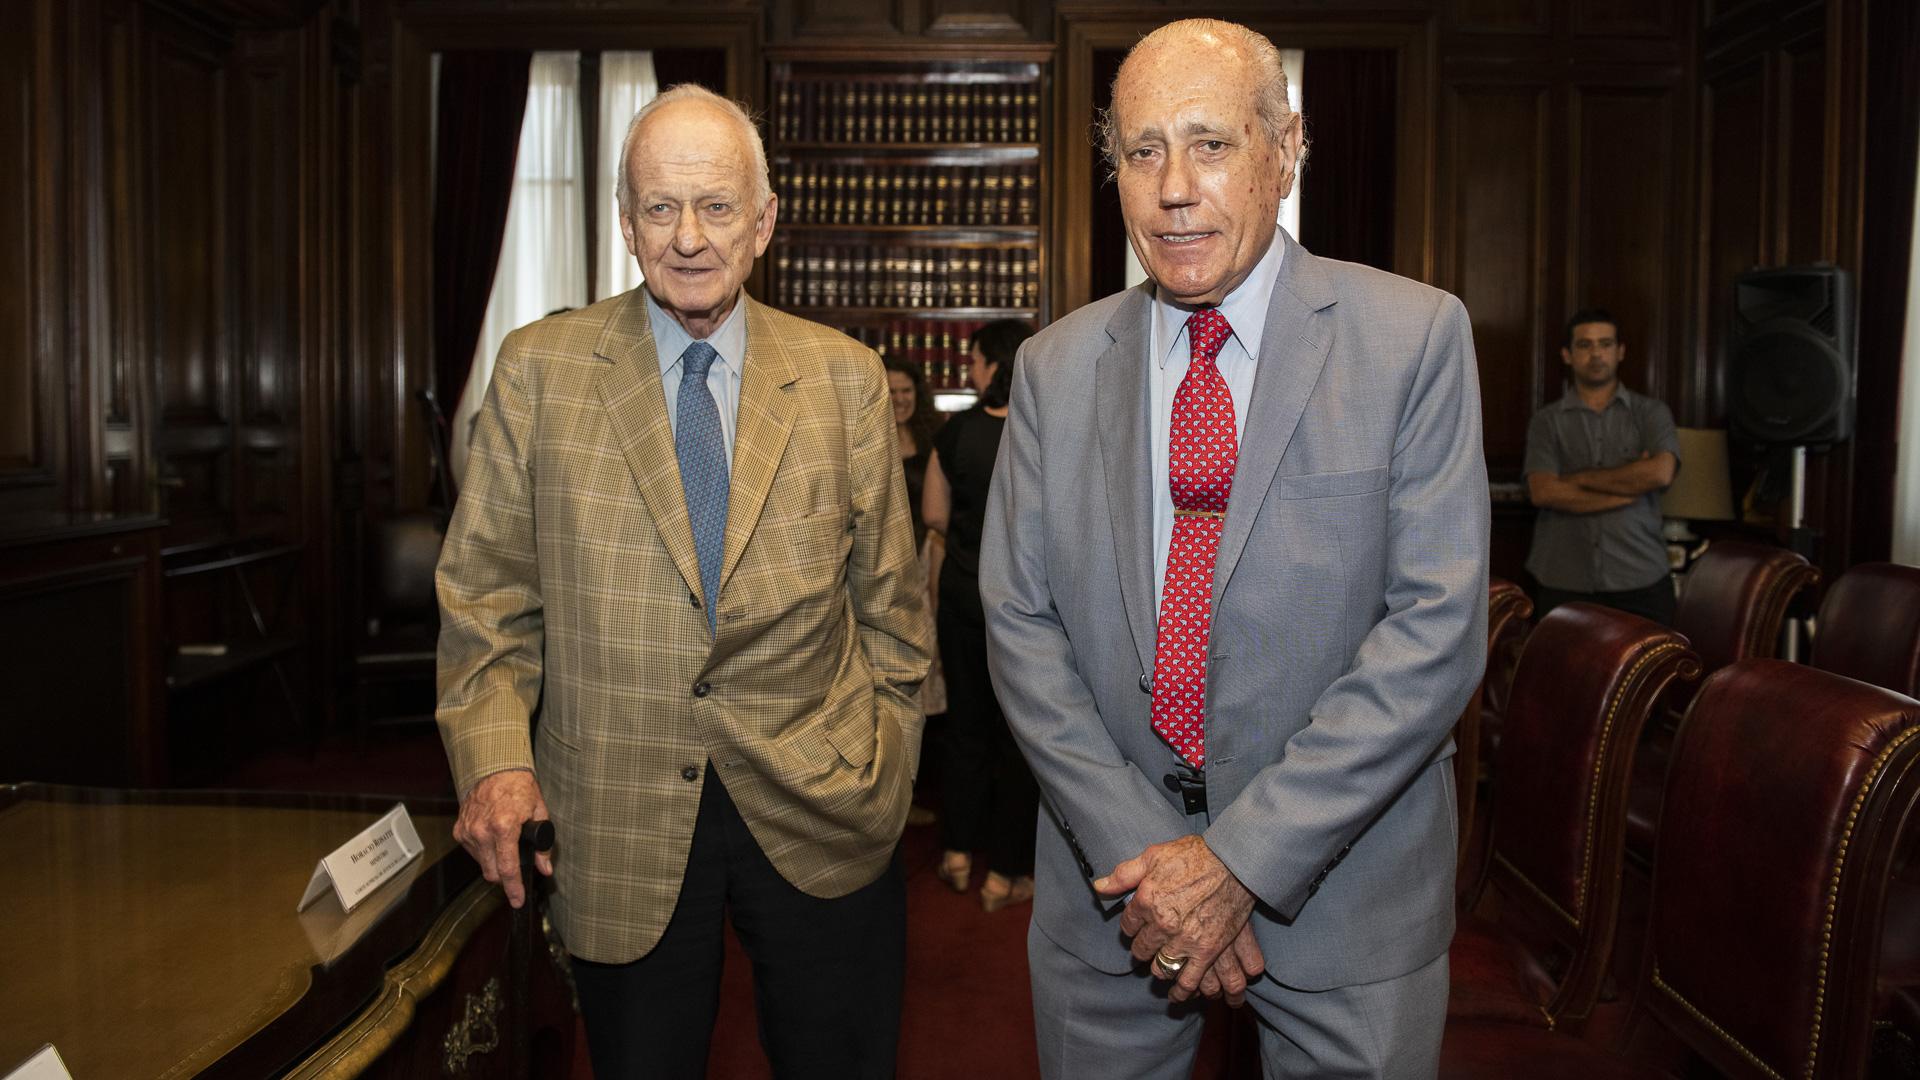 Los abogados Badeni y Vanossi fueron parte del jurado